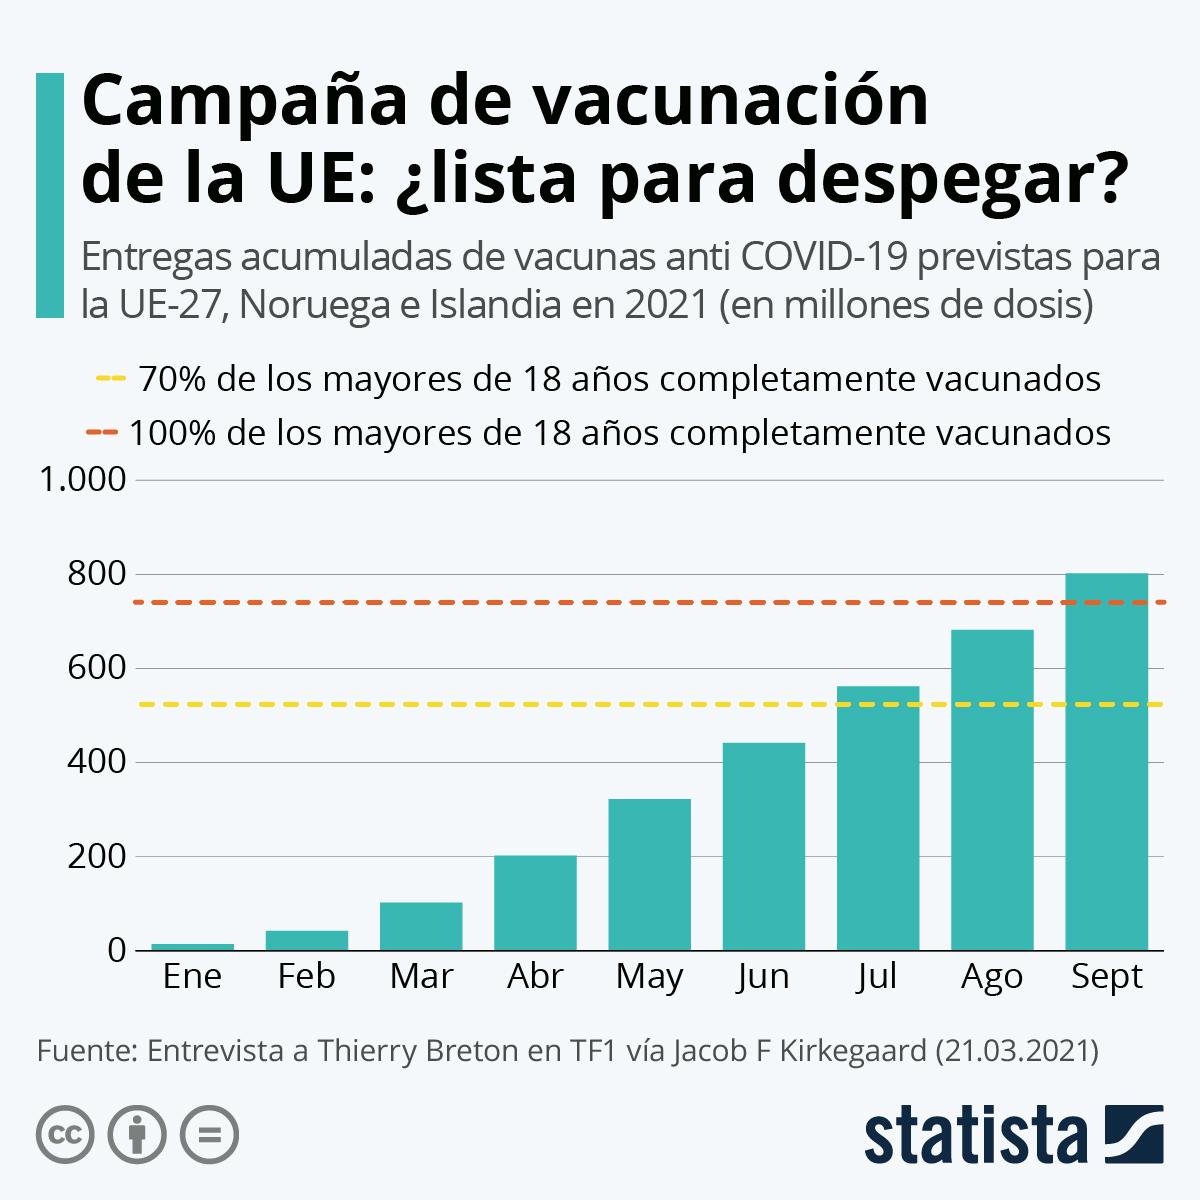 Infografía: Campaña de vacunación de la UE: ¿lista para despegar? | Statista